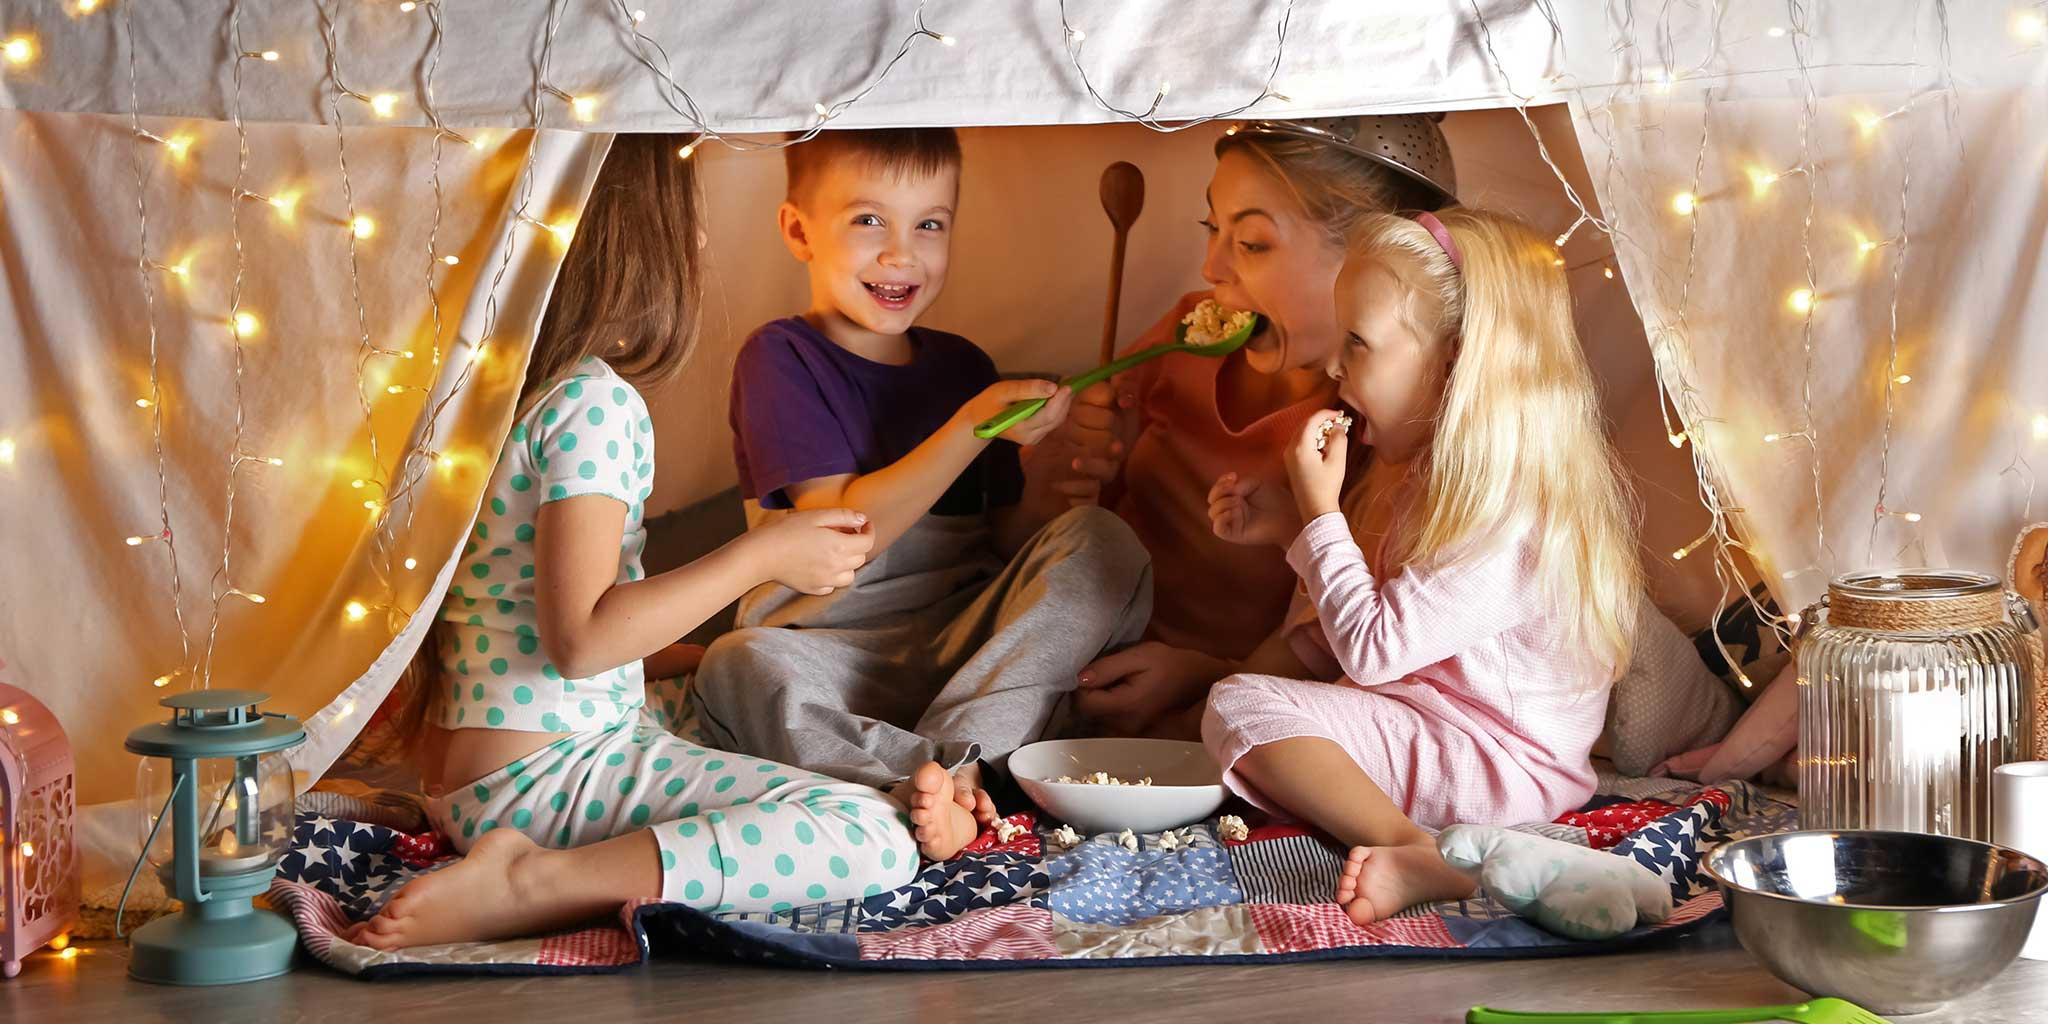 FokusMijnGezin-Krokusvakantie - Kinderen in een tent spelend met de mama